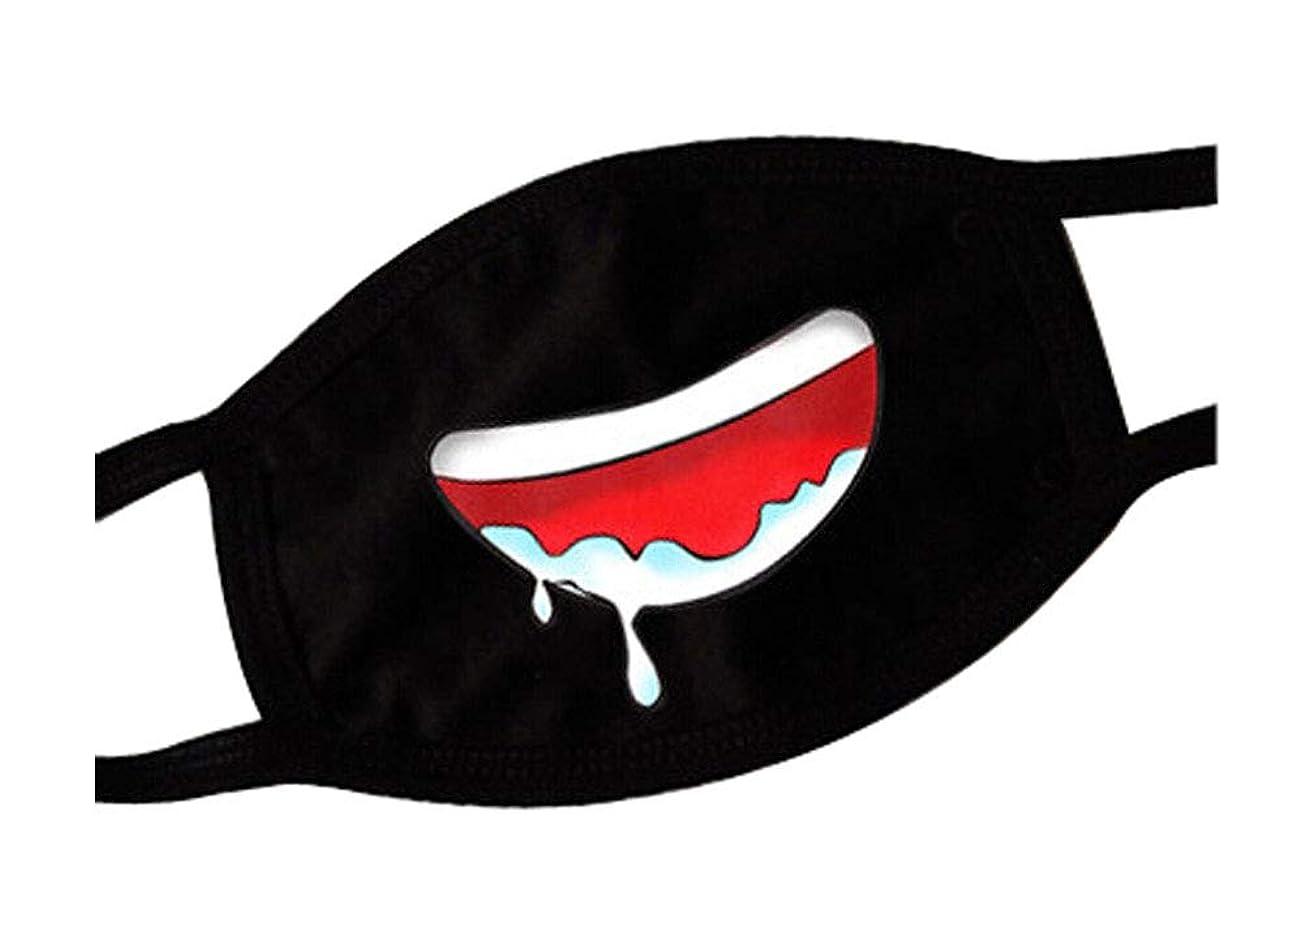 手を差し伸べる暴露わずらわしいブラック面白い口のマスク、十代のかわいいユニセックスの顔の口のマスク、F2